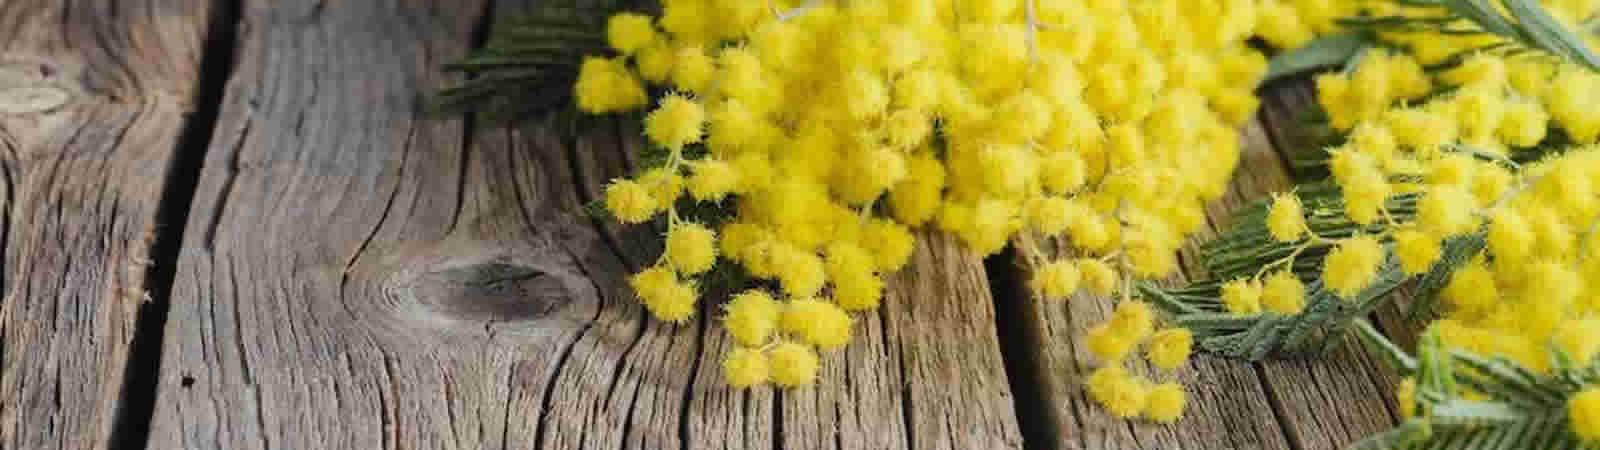 evento in erboristeria monghidoro per l'8 marzo con eversus natura e ant